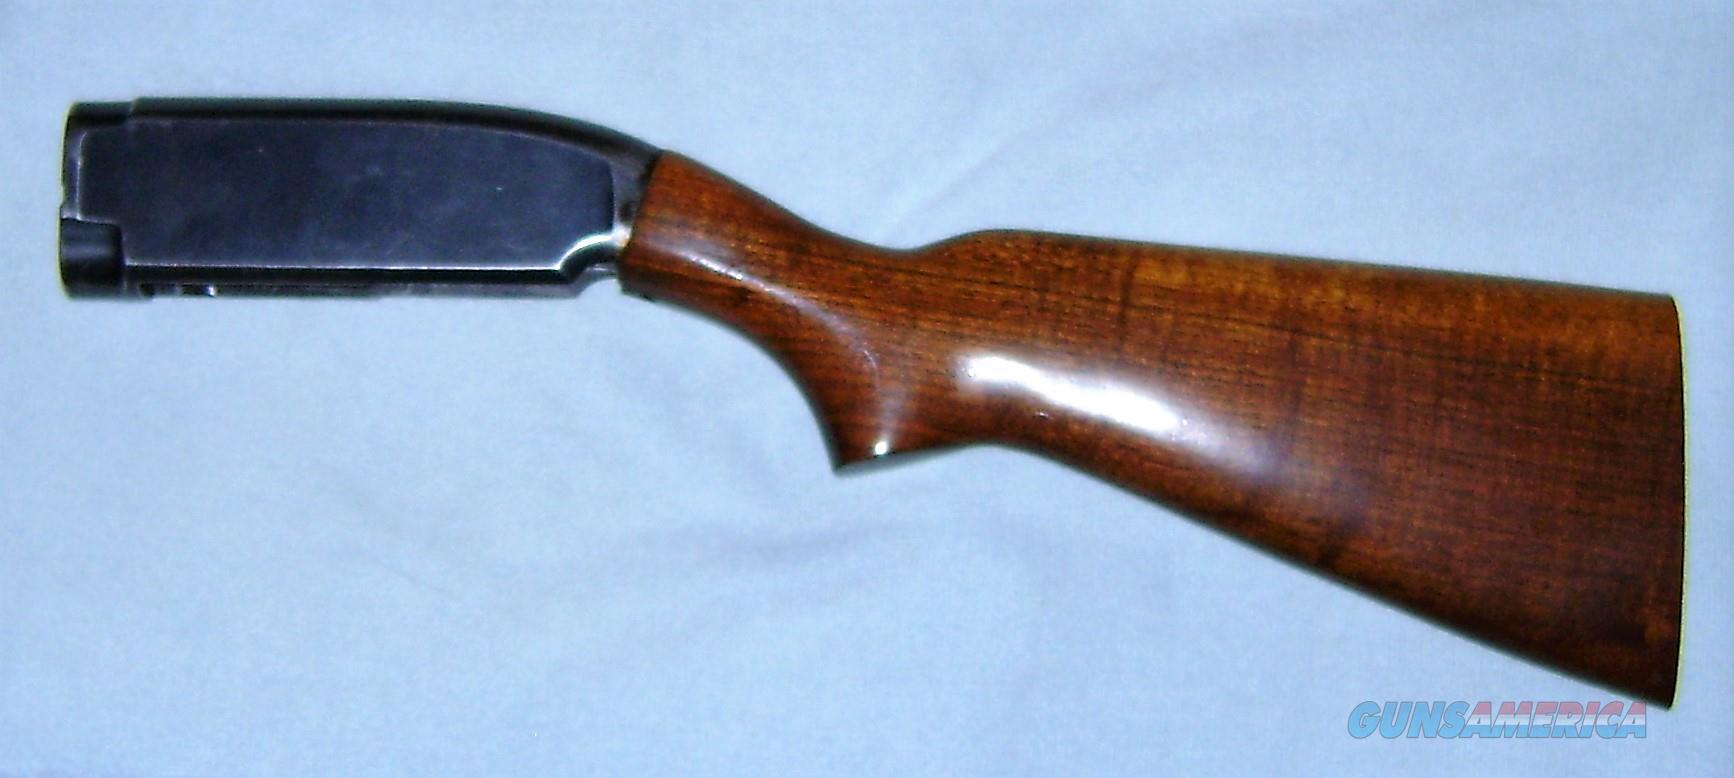 Winchester Model 12 stock and receiver  Guns > Shotguns > Parts Guns - Shotguns